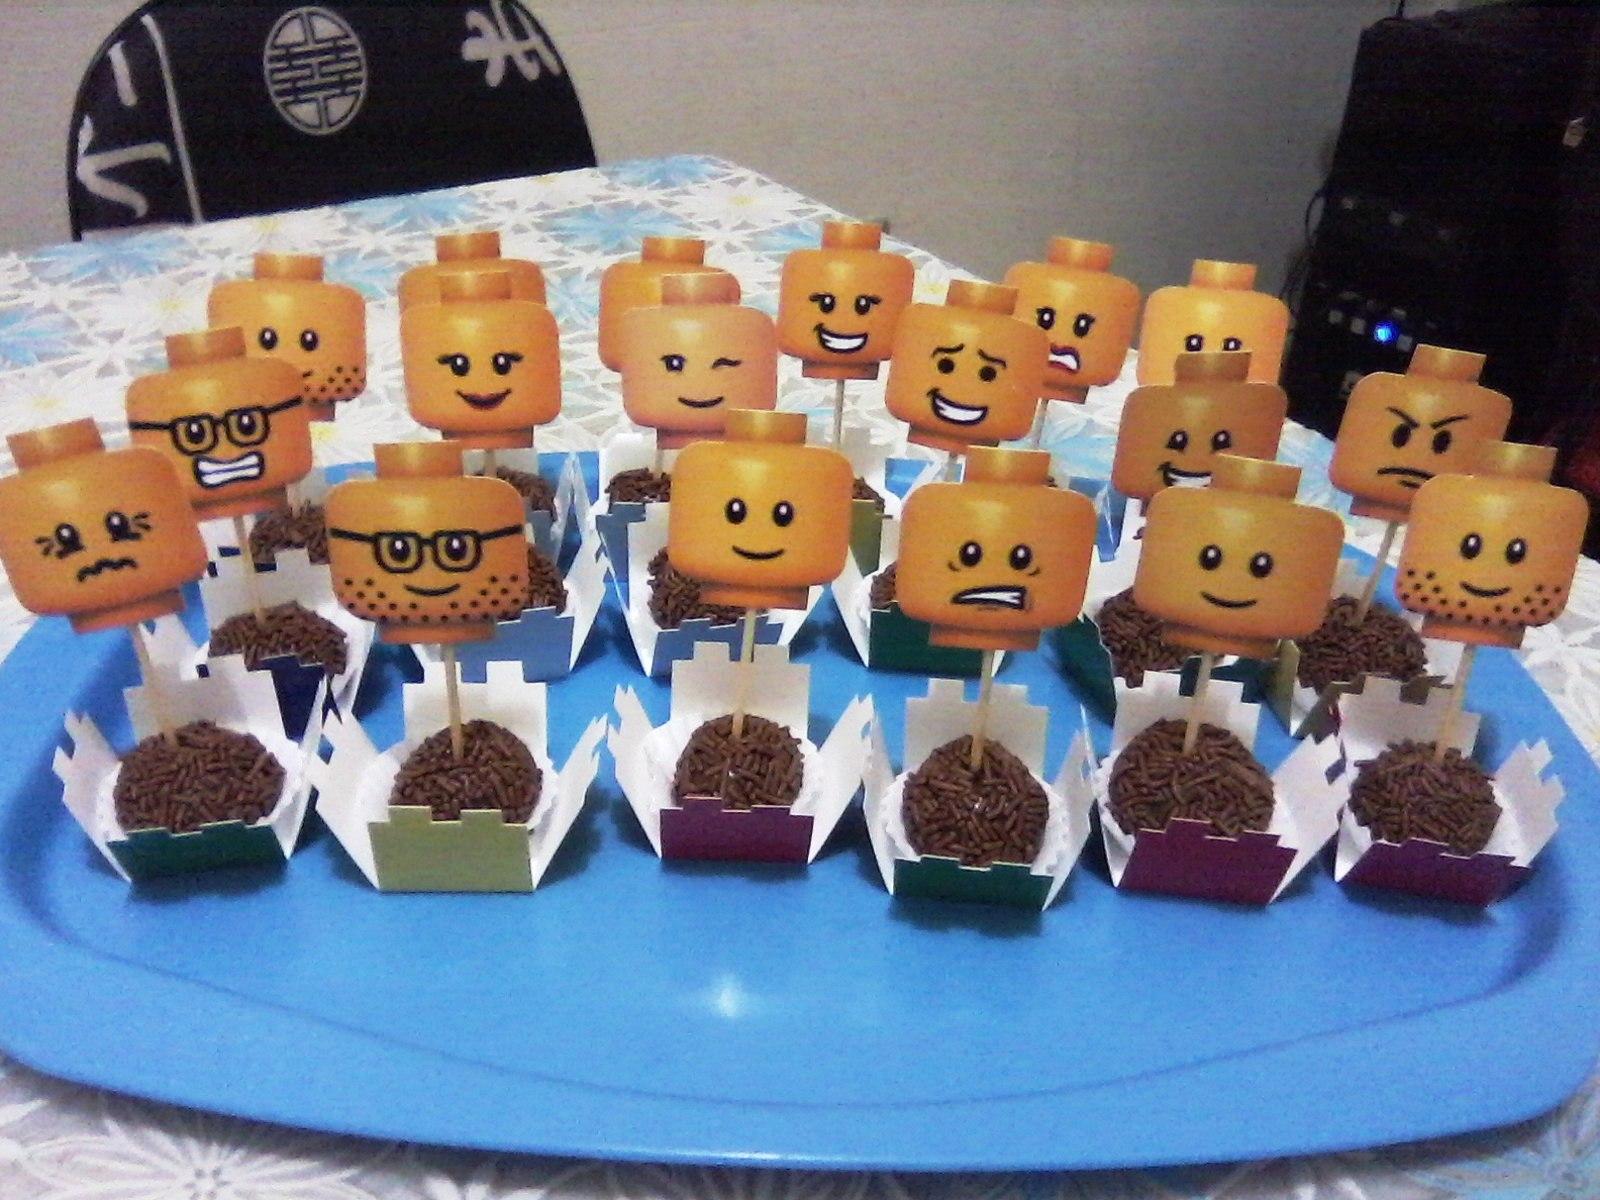 Festa impressa Aventura Lego  produzindo lembranças  Elo7